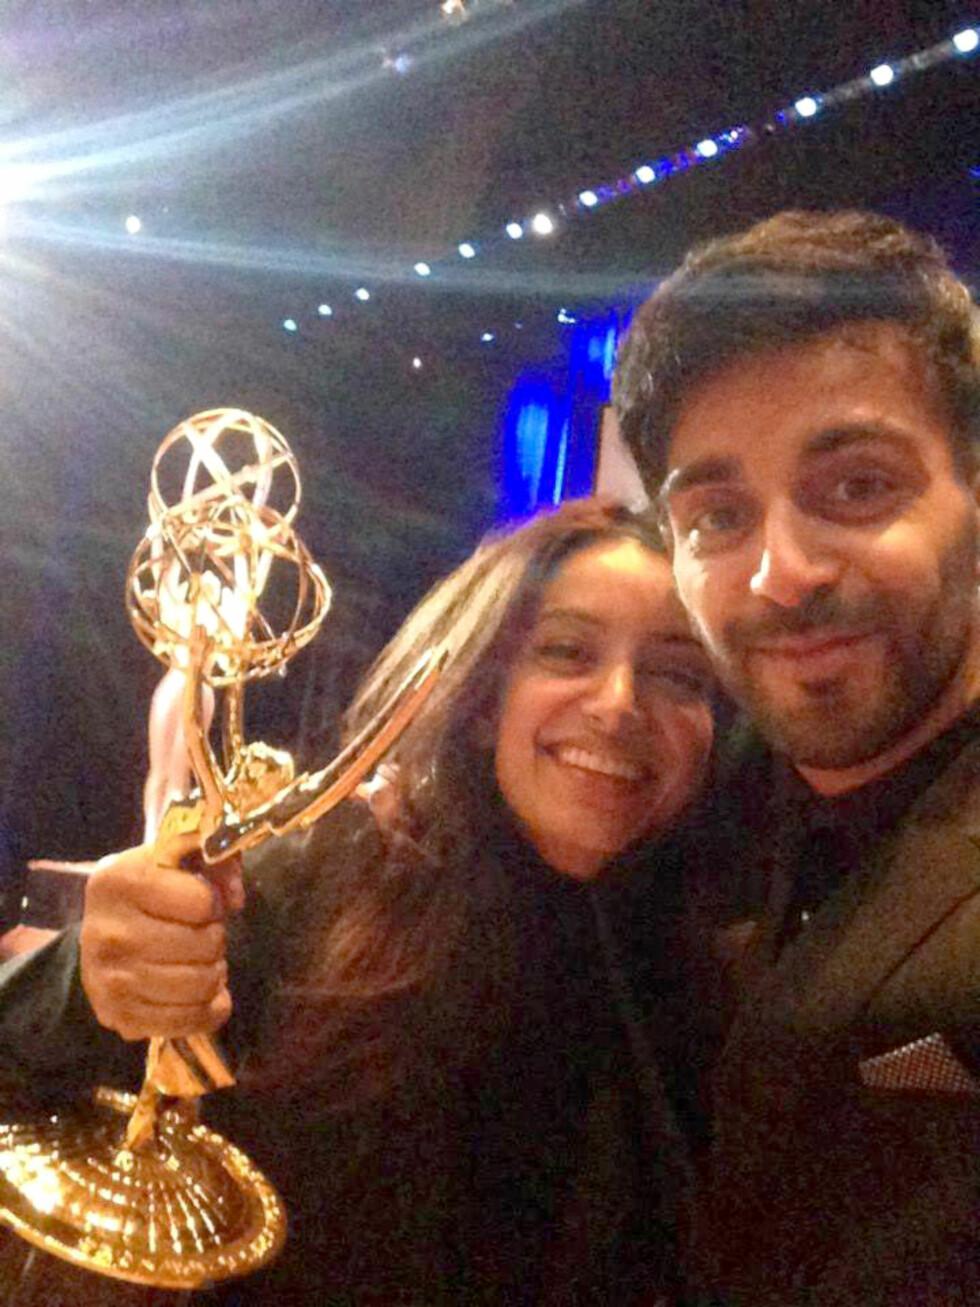 PRISBELØNNET FILMSKAPER: I seiersrus etter å ha vunnet Emmy, sammen med lillebror Adil. Foto: Privat